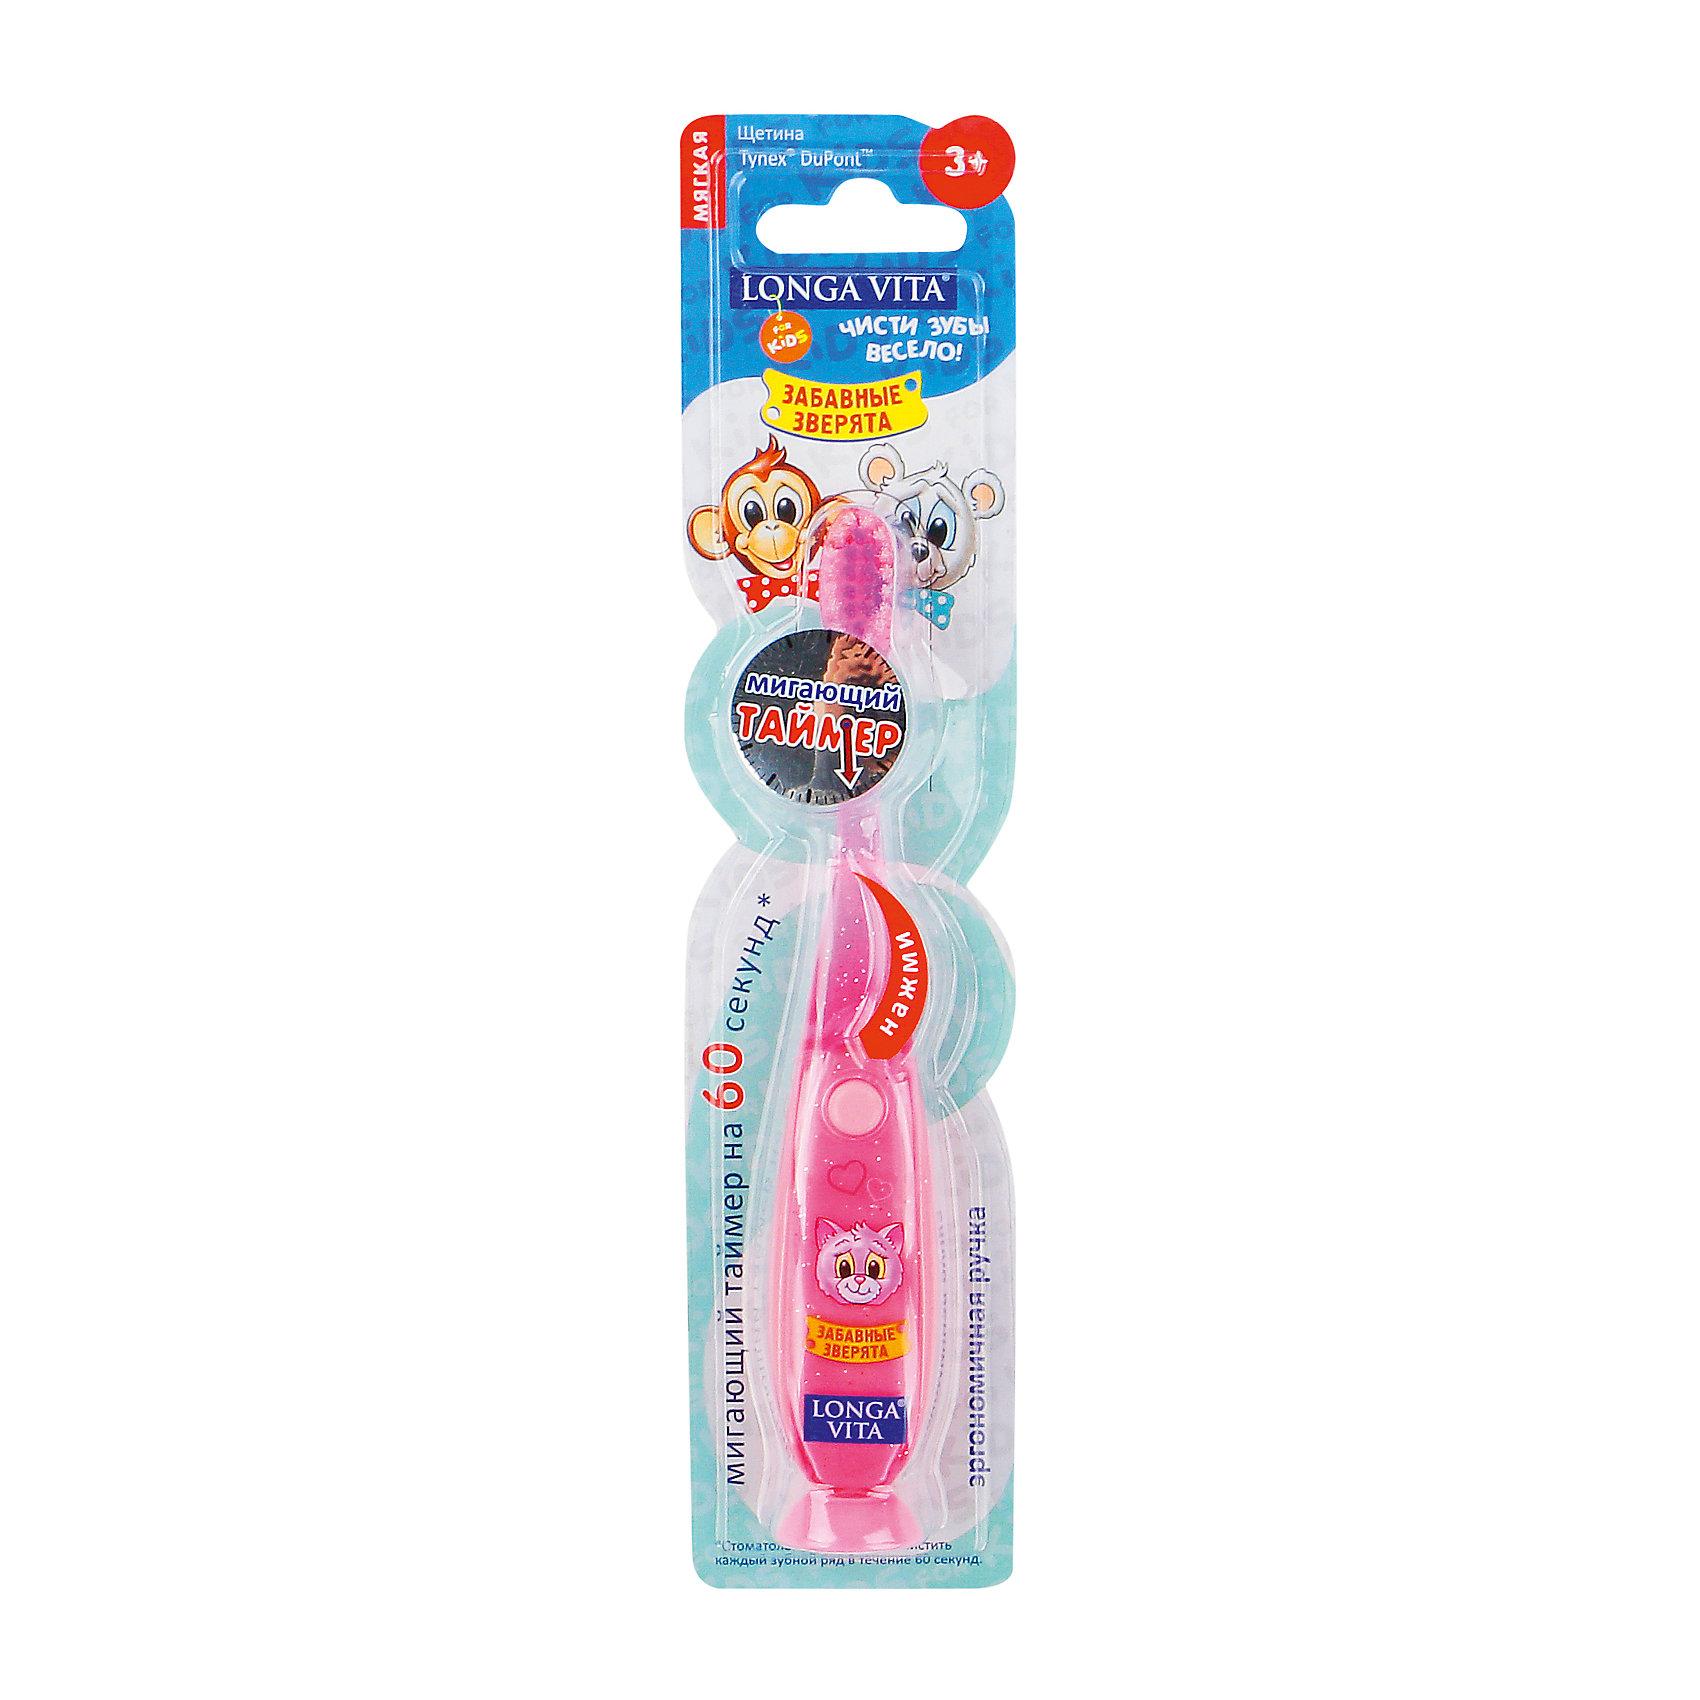 Мигающая зубная щётка на присоске Забавные зверята, 3-6 лет LONGA VITA, розовыйМигающая зубная щётка на присоске Забавные зверята, 3-6 лет LONGA VITA, розовый.<br><br>Характеристики:<br><br>- Возрастная категория: для детей от 3 до 6 лет<br>- Жесткость щетины: мягкая<br>- Длина щетки: 15,5 см.<br>- Цвет: розовый<br>- Мигающий таймер<br>- Подставка-присоска<br>- Эргономичная ручка<br>- Противоскользящая поверхность ручки<br>- Силовой выступ для большого пальца<br>- Цветовое поле щетины для оптимального дозирования пасты<br>- Привлекательный дизайн<br>- Размер в упаковке: 5x22x2,5 см.<br><br>Детская зубная щетка Longa Vita Забавные зверята с изображением забавного котенка на ручке щетки, идеально подходит для развития навыков гигиены полости рта, а благодаря яркому, привлекательному дизайну зубной щетки ежедневная чистка зубов станет удовольствием для вашего ребенка. Щетка снабжена мигающим таймером, который позволяет ребенку контролировать время чистки зубов. Таймер мигает в течение 60 секунд. Для его включения необходимо нажать на кнопку, расположенную на ручке щетки. Отключается он автоматически по истечении 1 минуты. Окрашенная щетина в центре помогает определить рекомендованное количество зубной пасты. Округлая головка и мягкая щетина обеспечат безопасную чистку зубов. Эргономичная ручка с противоскользящим покрытием имеет силовой выступ для большого пальца. На конце ручки расположена круглая подставка-присоска, с помощью которой щетку можно прикрепить вертикально на любой ровной поверхности.<br><br>Мигающую зубную щётку на присоске Забавные зверята, 3-6 лет LONGA VITA, розовую можно купить в нашем интернет-магазине.<br><br>Ширина мм: 160<br>Глубина мм: 20<br>Высота мм: 25<br>Вес г: 40<br>Возраст от месяцев: 36<br>Возраст до месяцев: 72<br>Пол: Женский<br>Возраст: Детский<br>SKU: 5238139